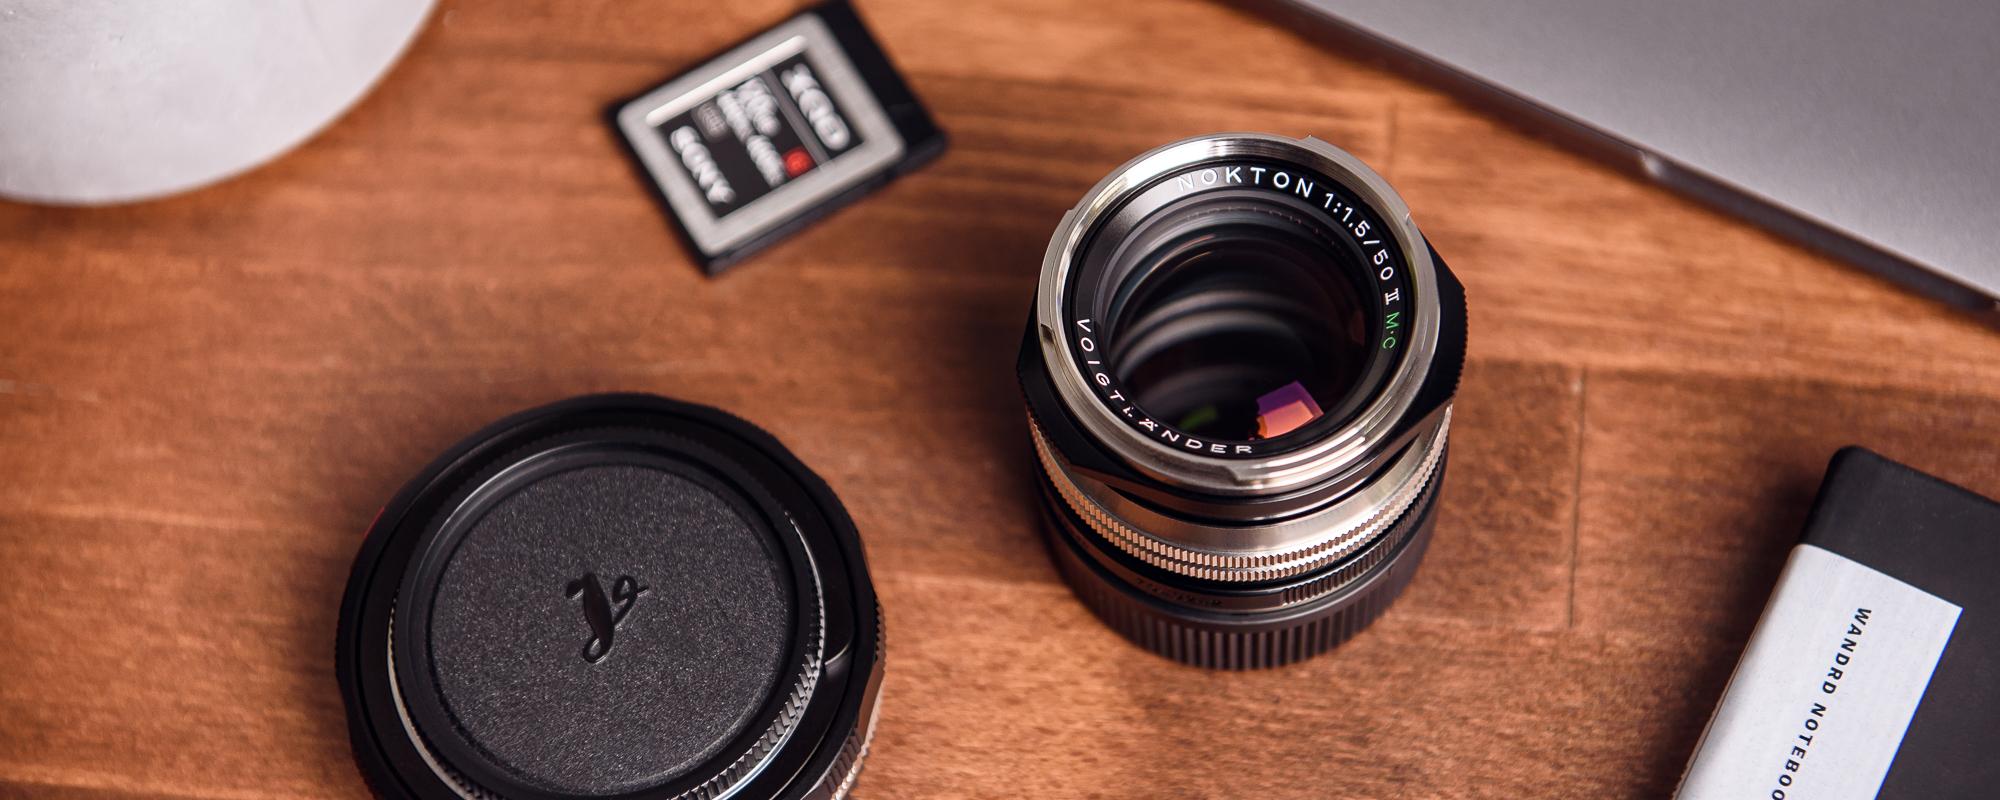 Obiektyw Voigtlander Nokton II 50 mm f/1,5 do Leica M - MC, niklowy - na biurku